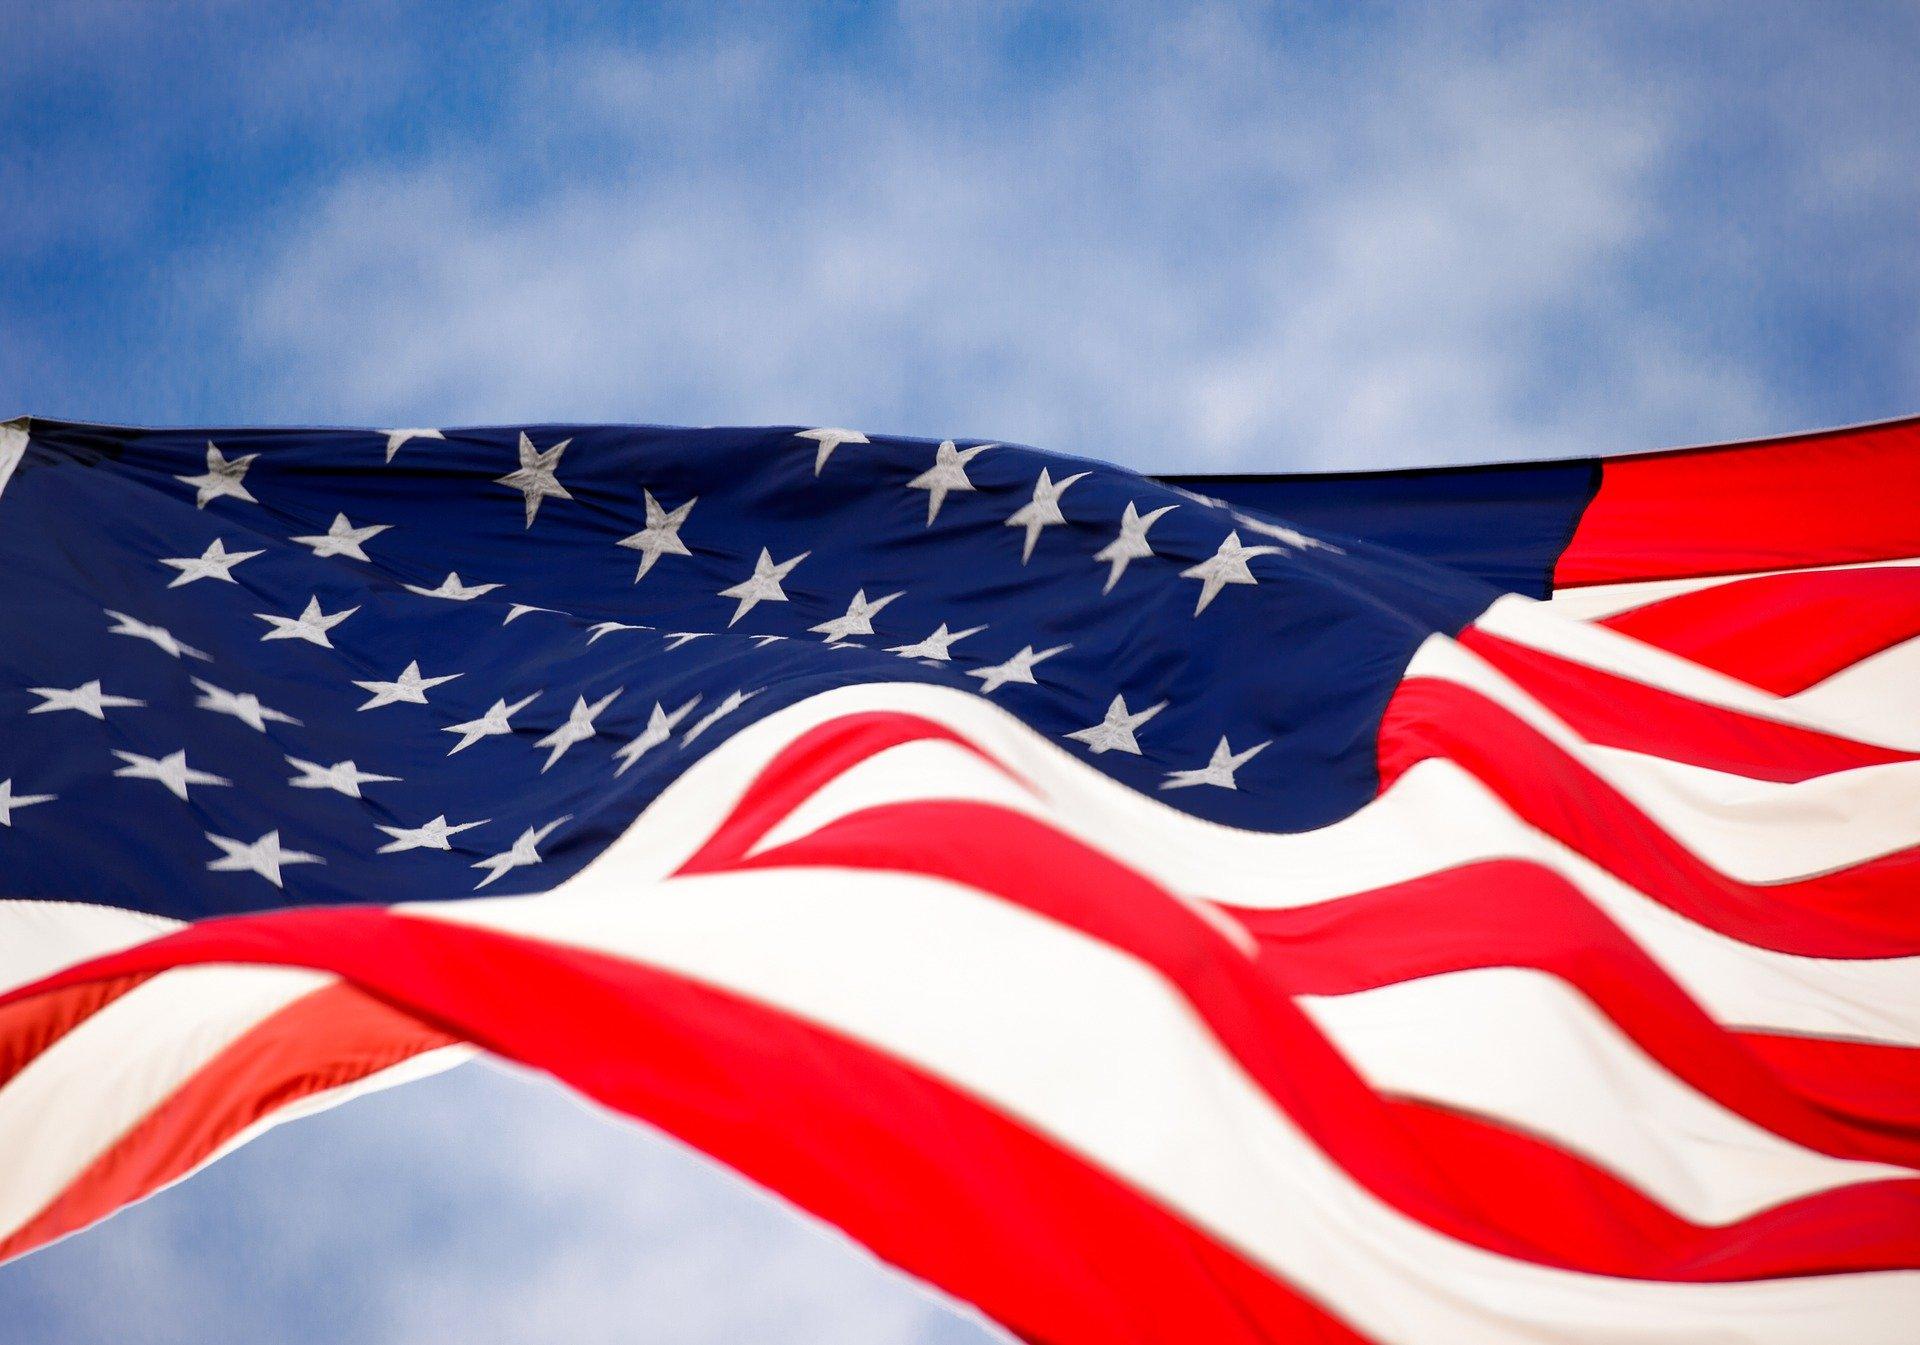 la bandiera degli stati uniti a stelle e strisce che sventola in un cielo azzurro traveltherapists blog di viaggio miglior blog di viaggio blog giappone